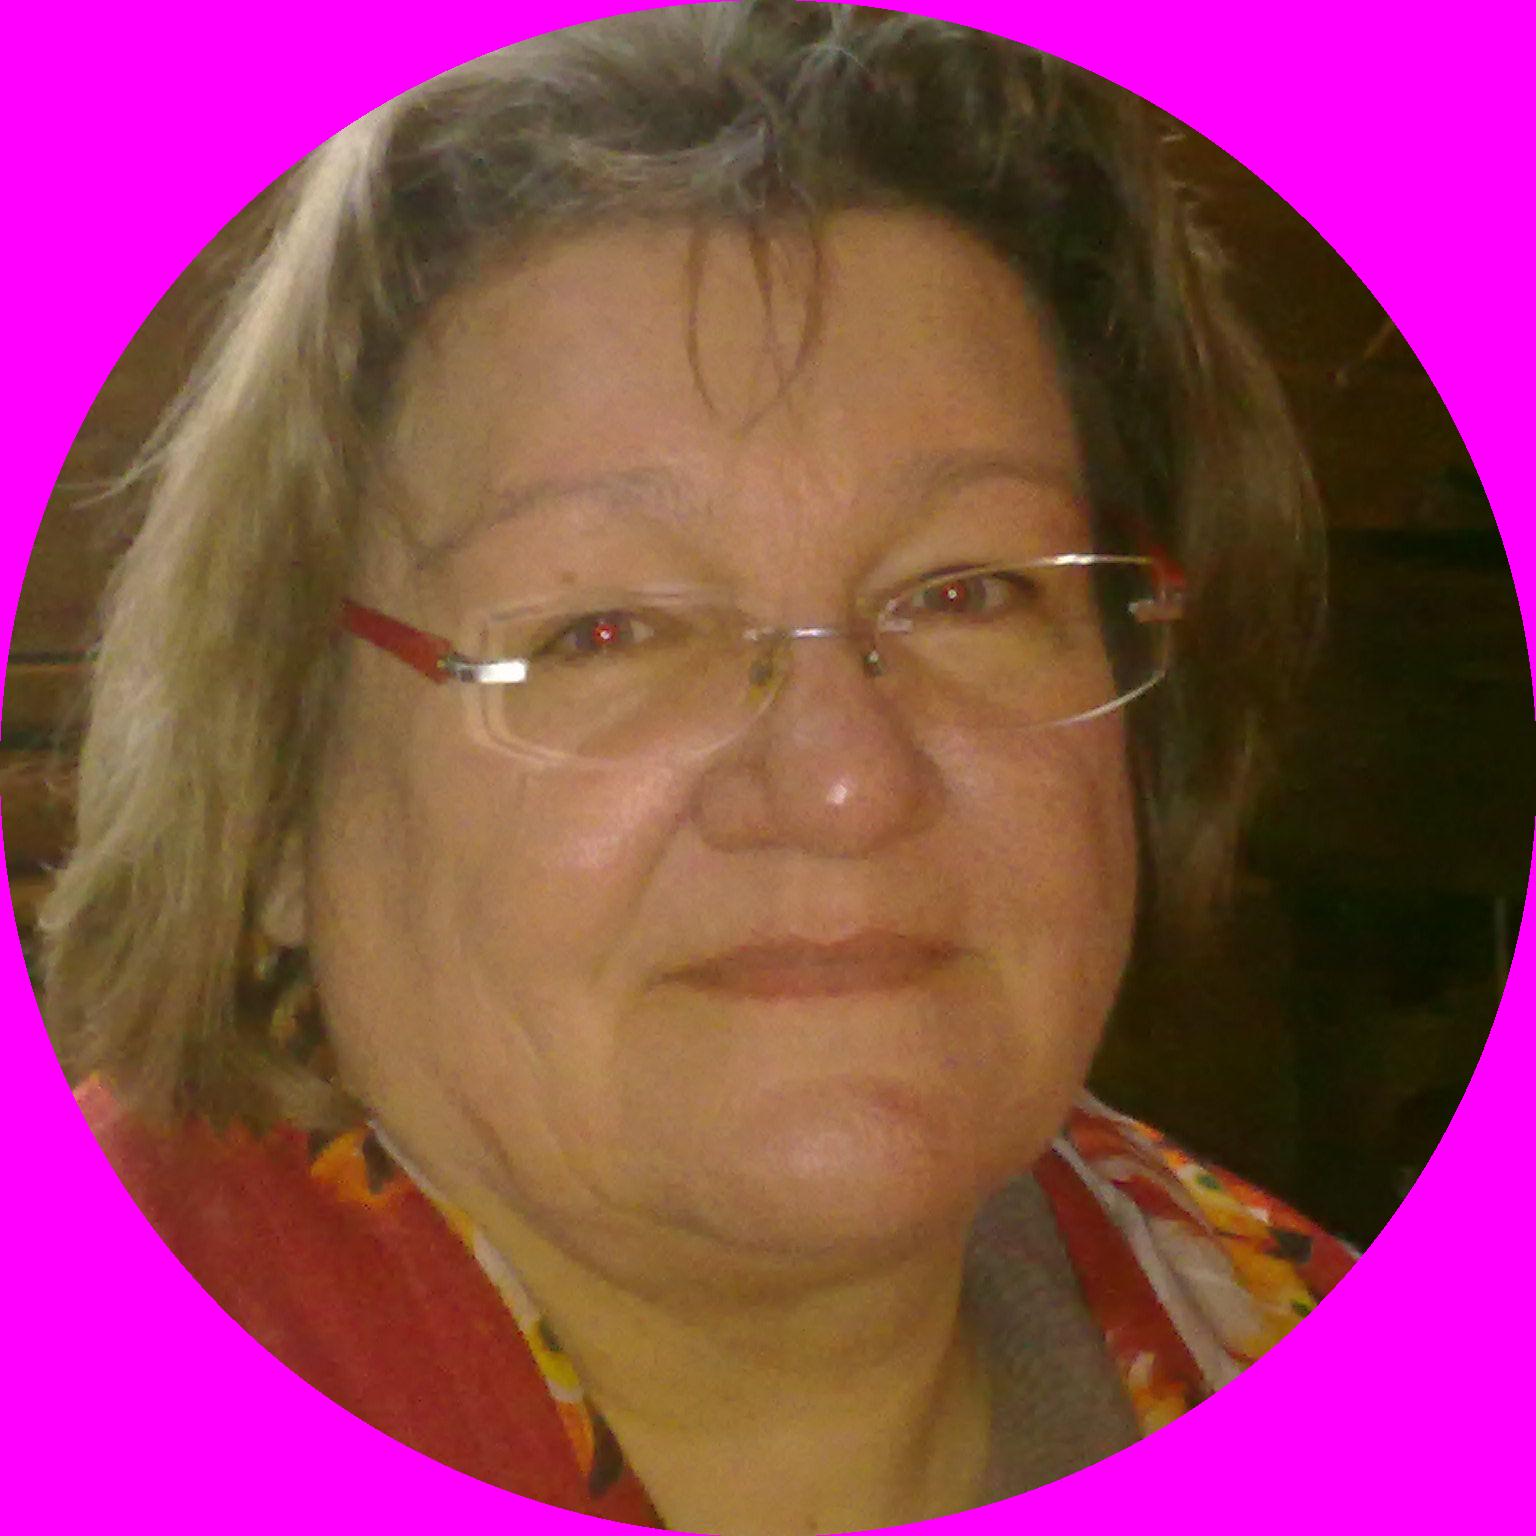 Stefanie Sieland